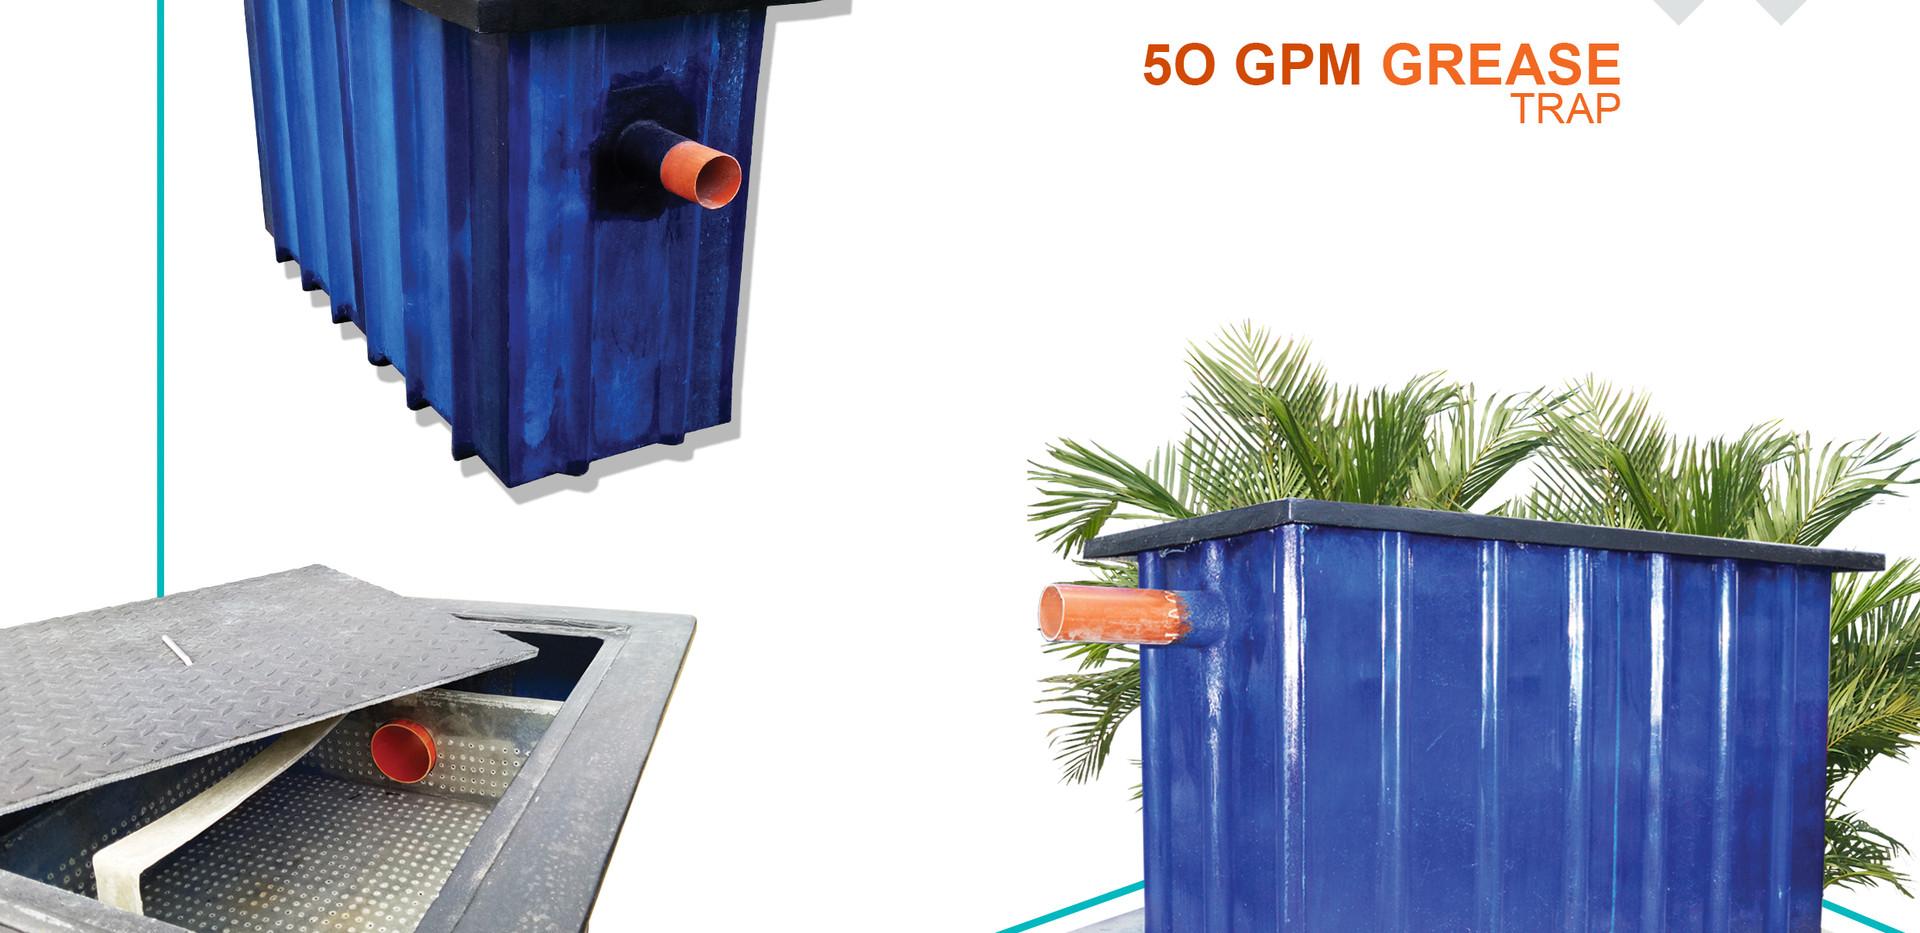 50 GPM Grease Trap